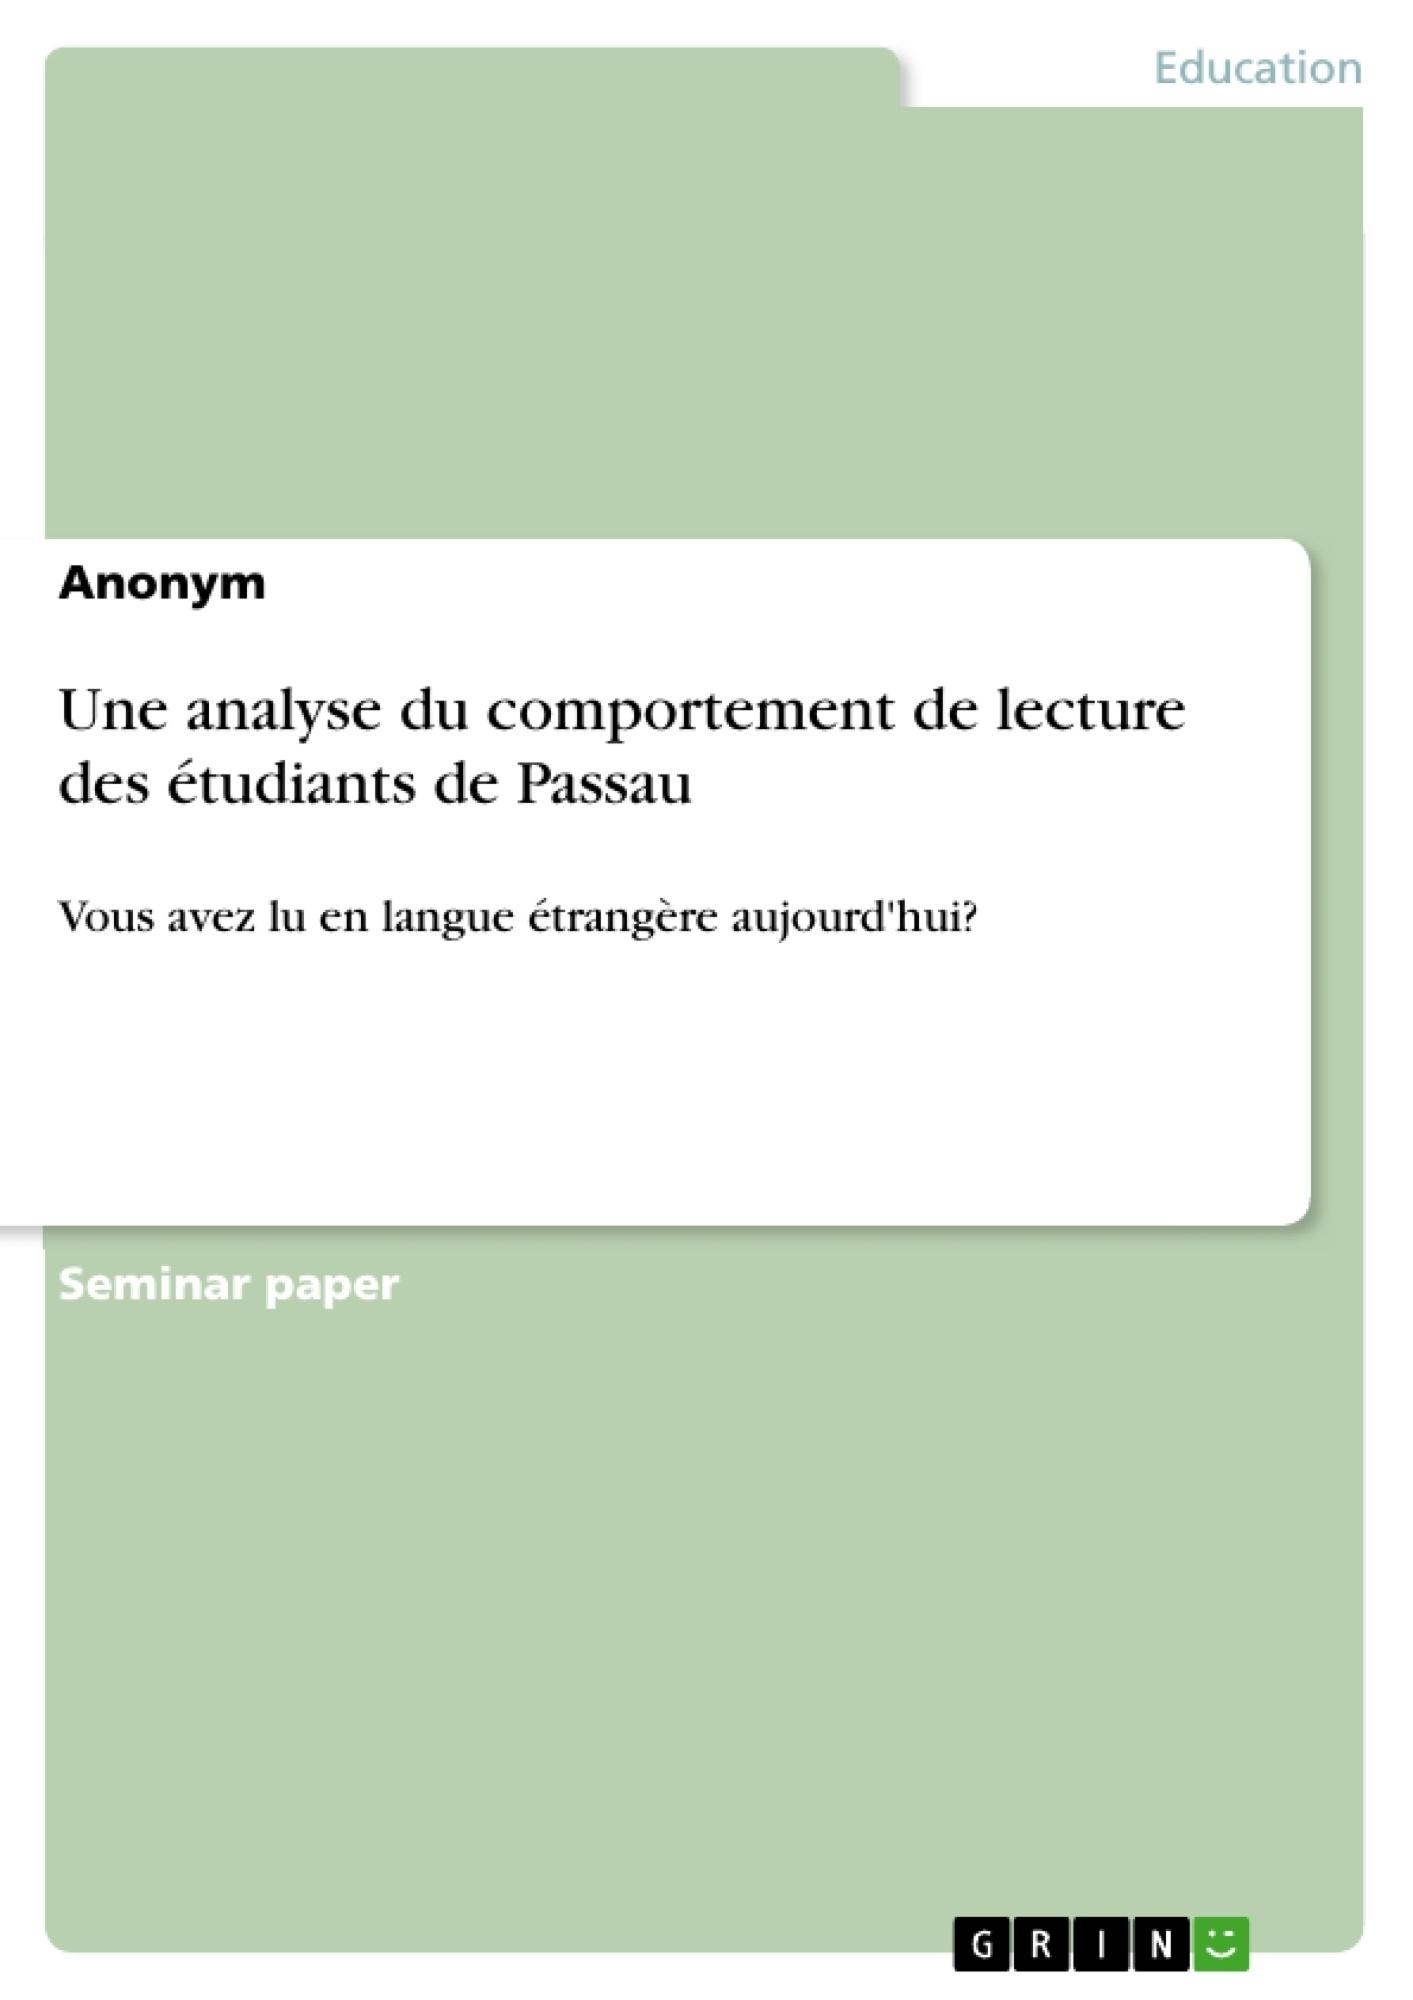 Titre: Une analyse du comportement de lecture des étudiants de Passau